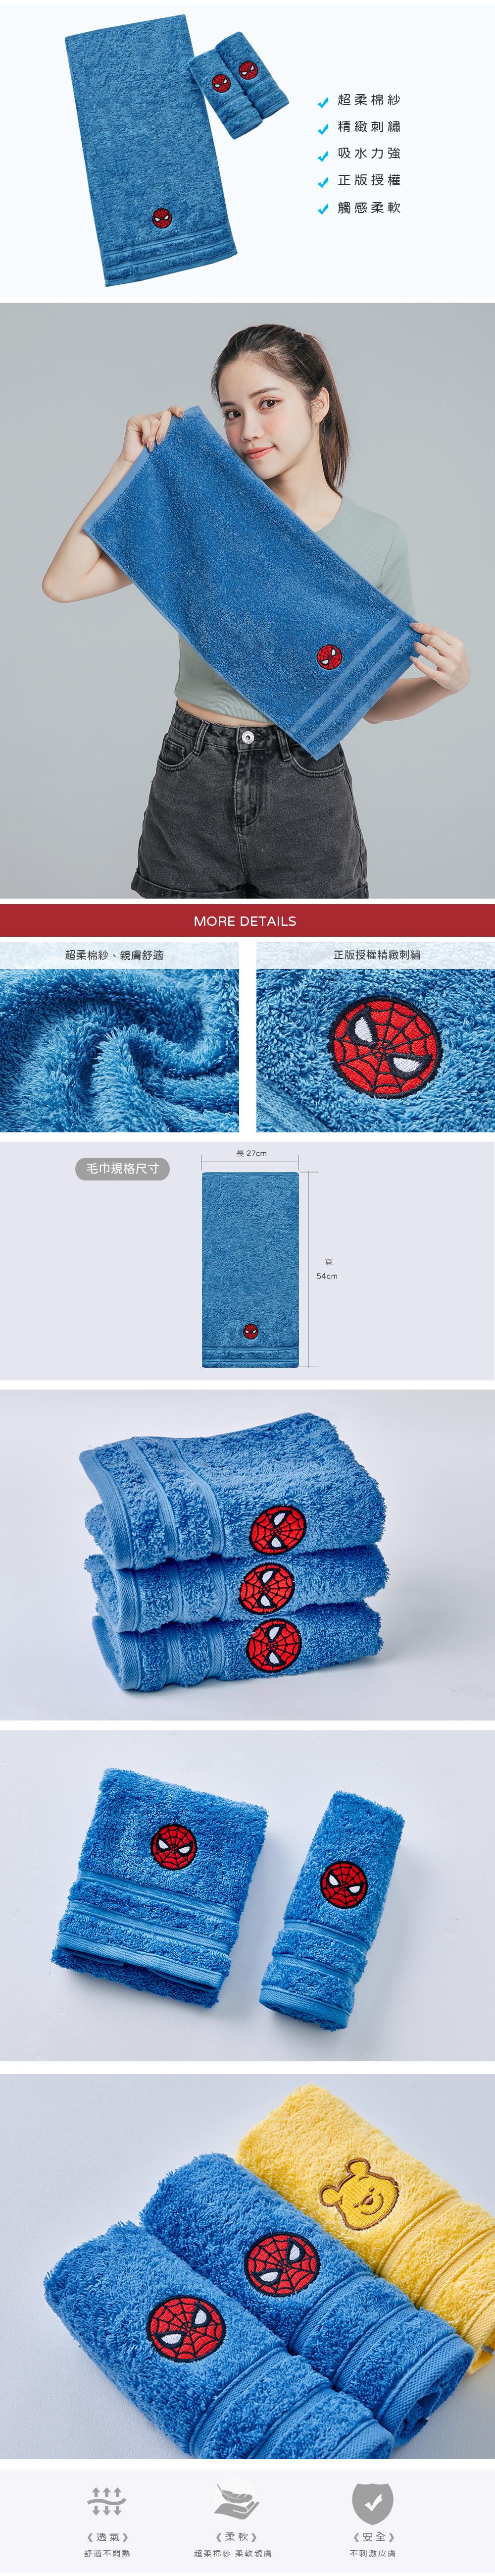 蜘蛛人刺繡童巾-01